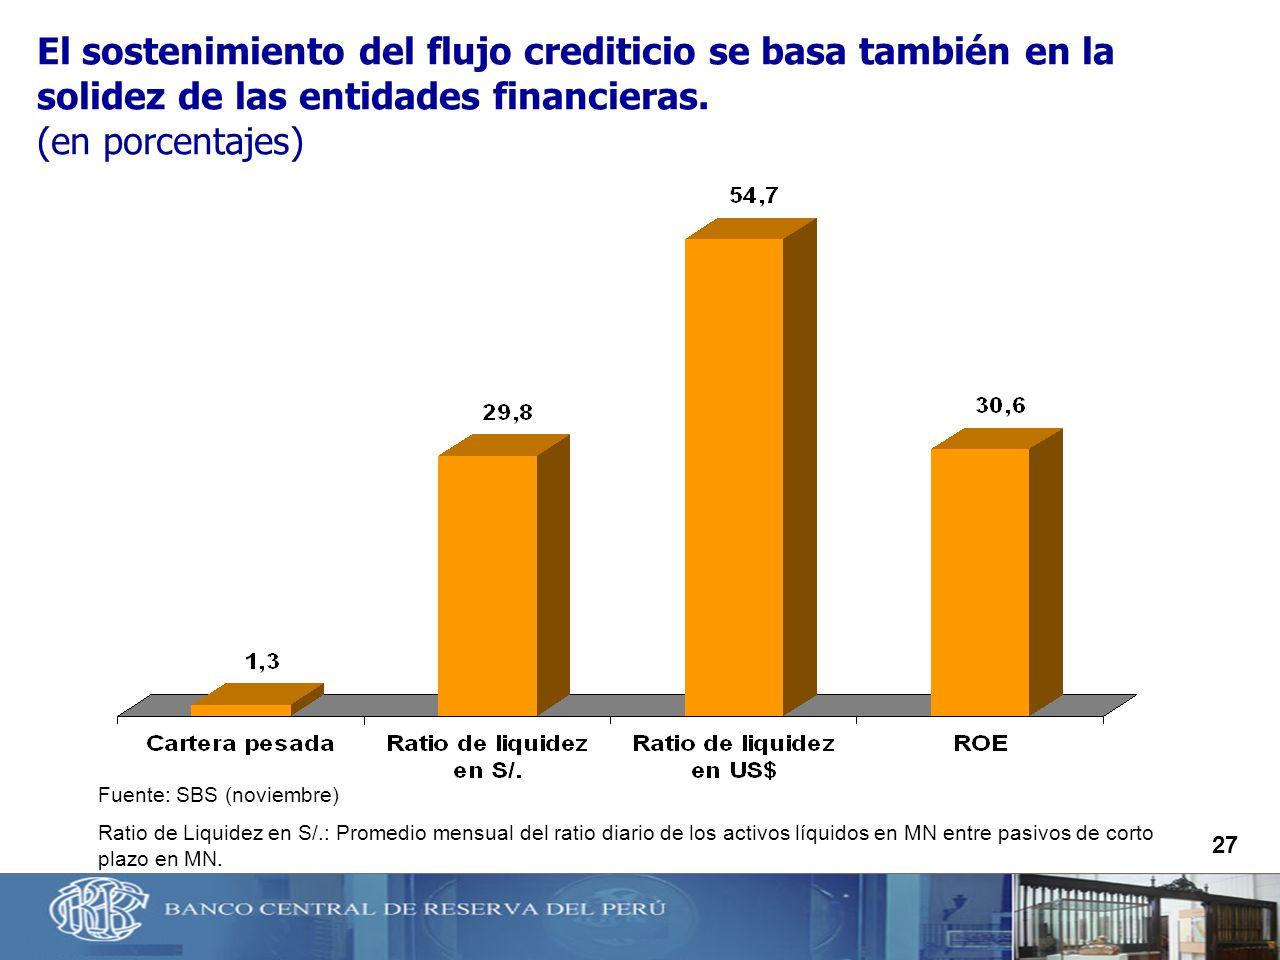 27 El sostenimiento del flujo crediticio se basa también en la solidez de las entidades financieras. (en porcentajes) Fuente: SBS (noviembre) Ratio de